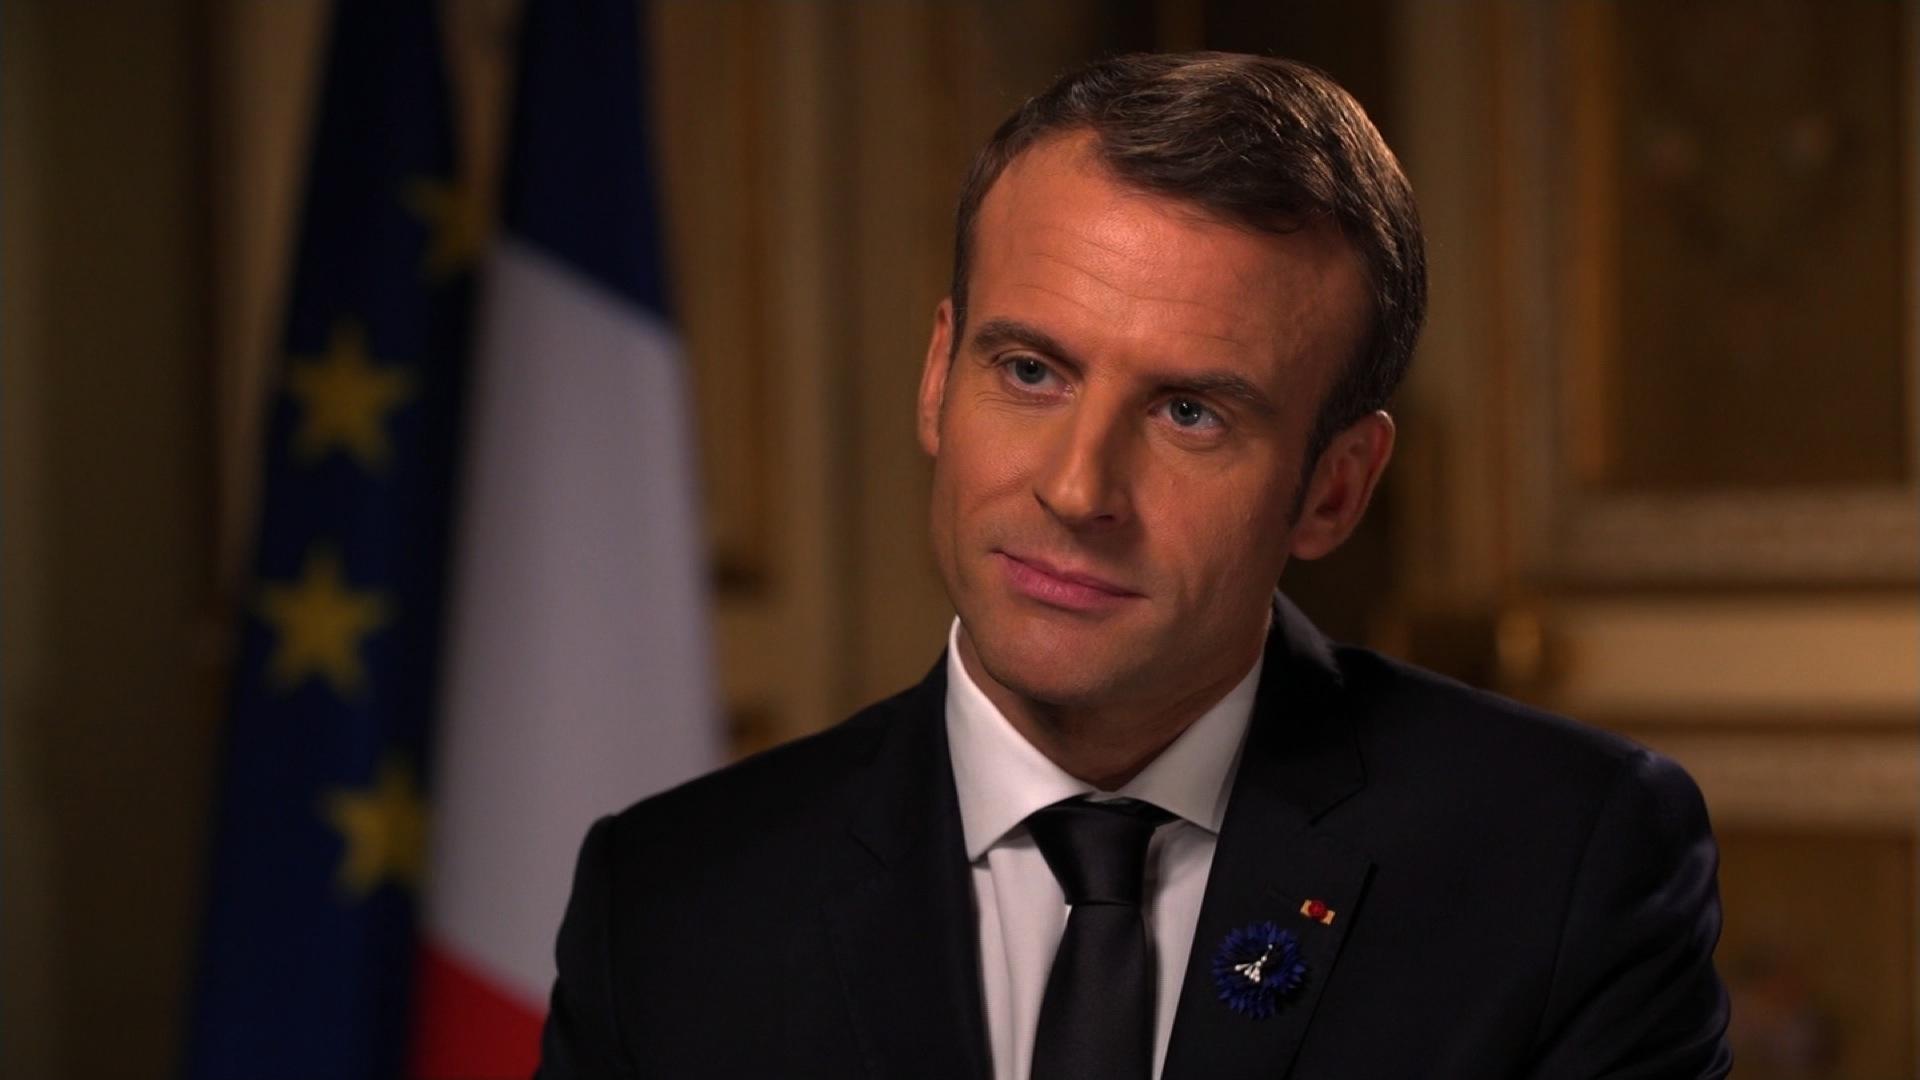 Посол Казахстана вручил верительные грамоты соправителю Андорры – президенту Франции